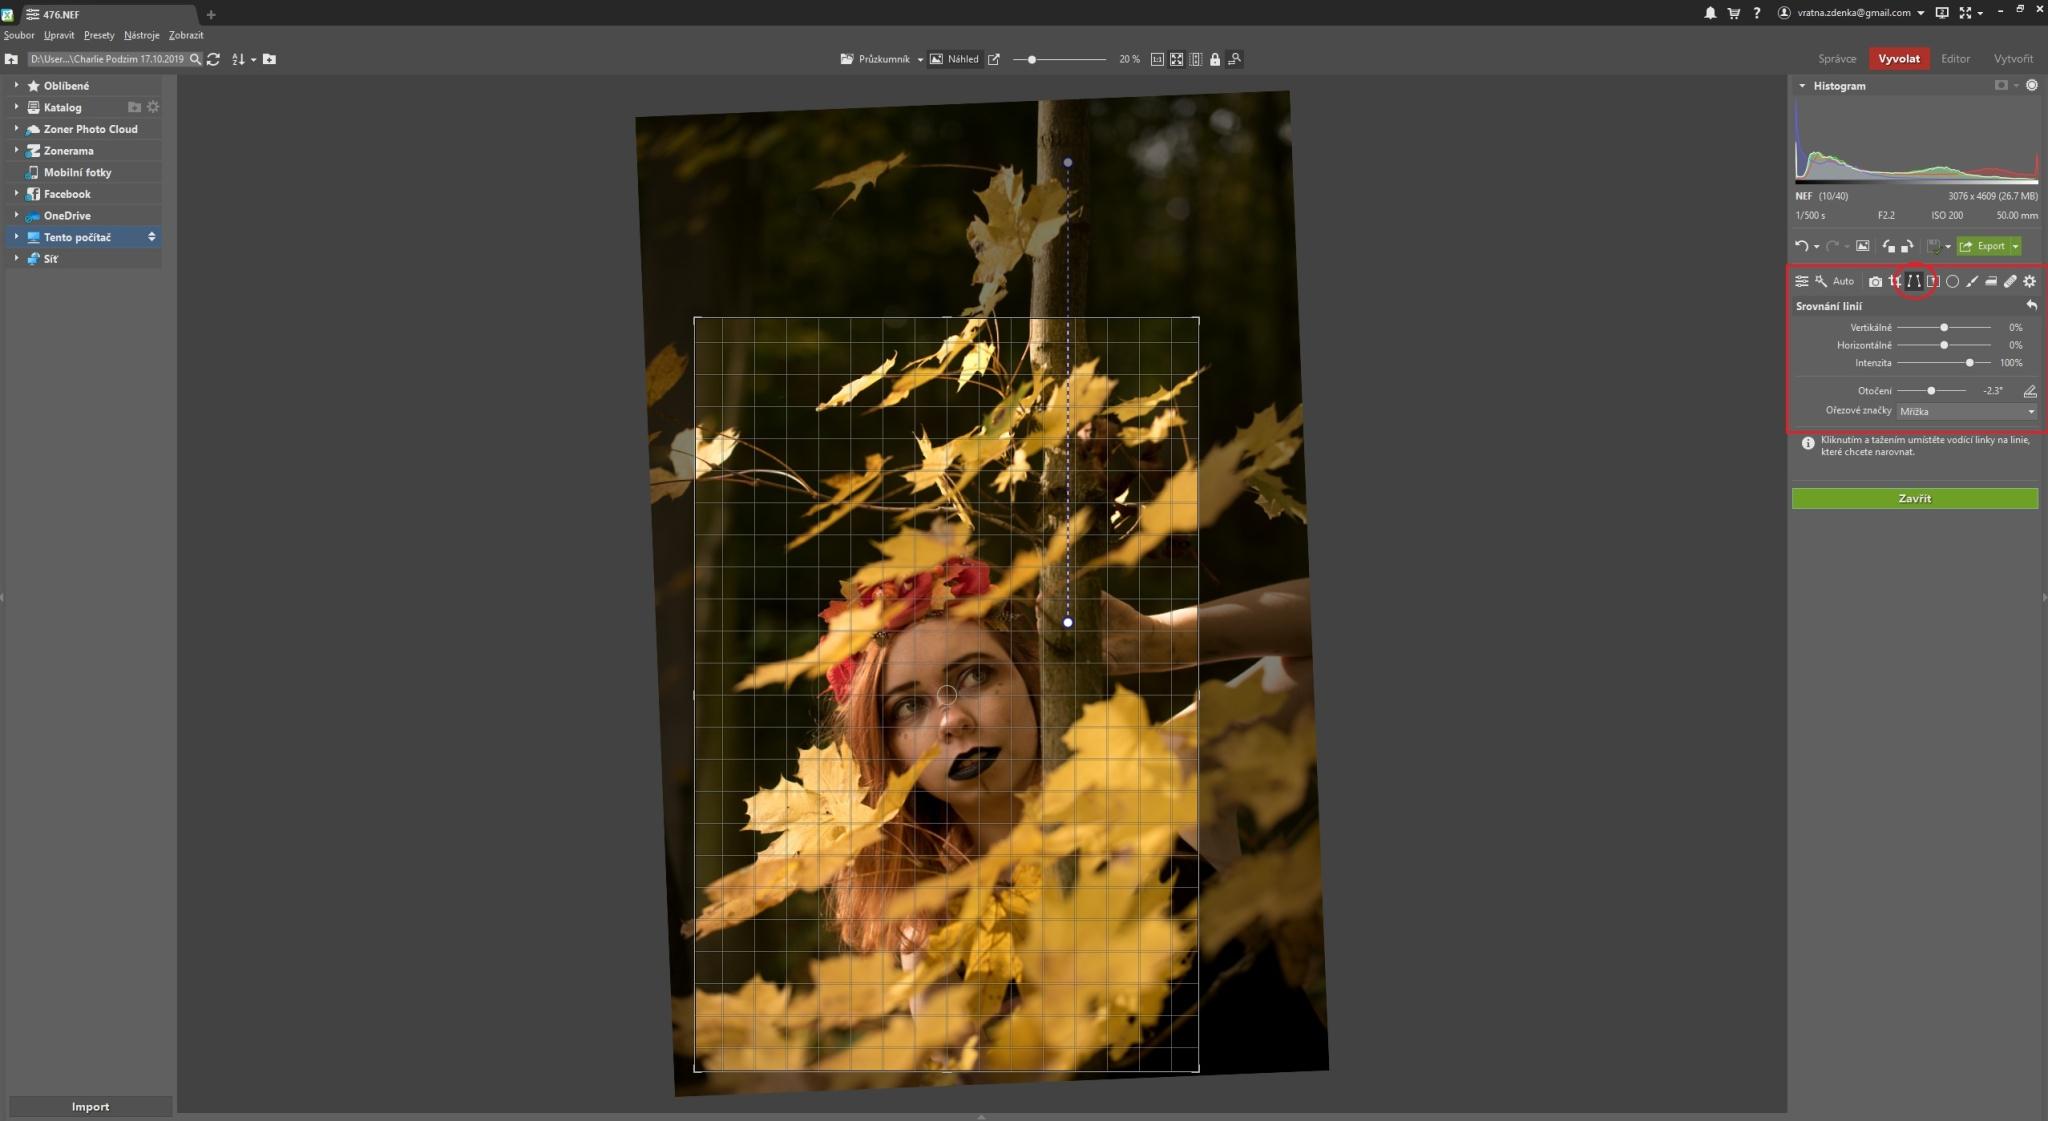 Vyvolání podzimního portrétu krok za krokem - ořez